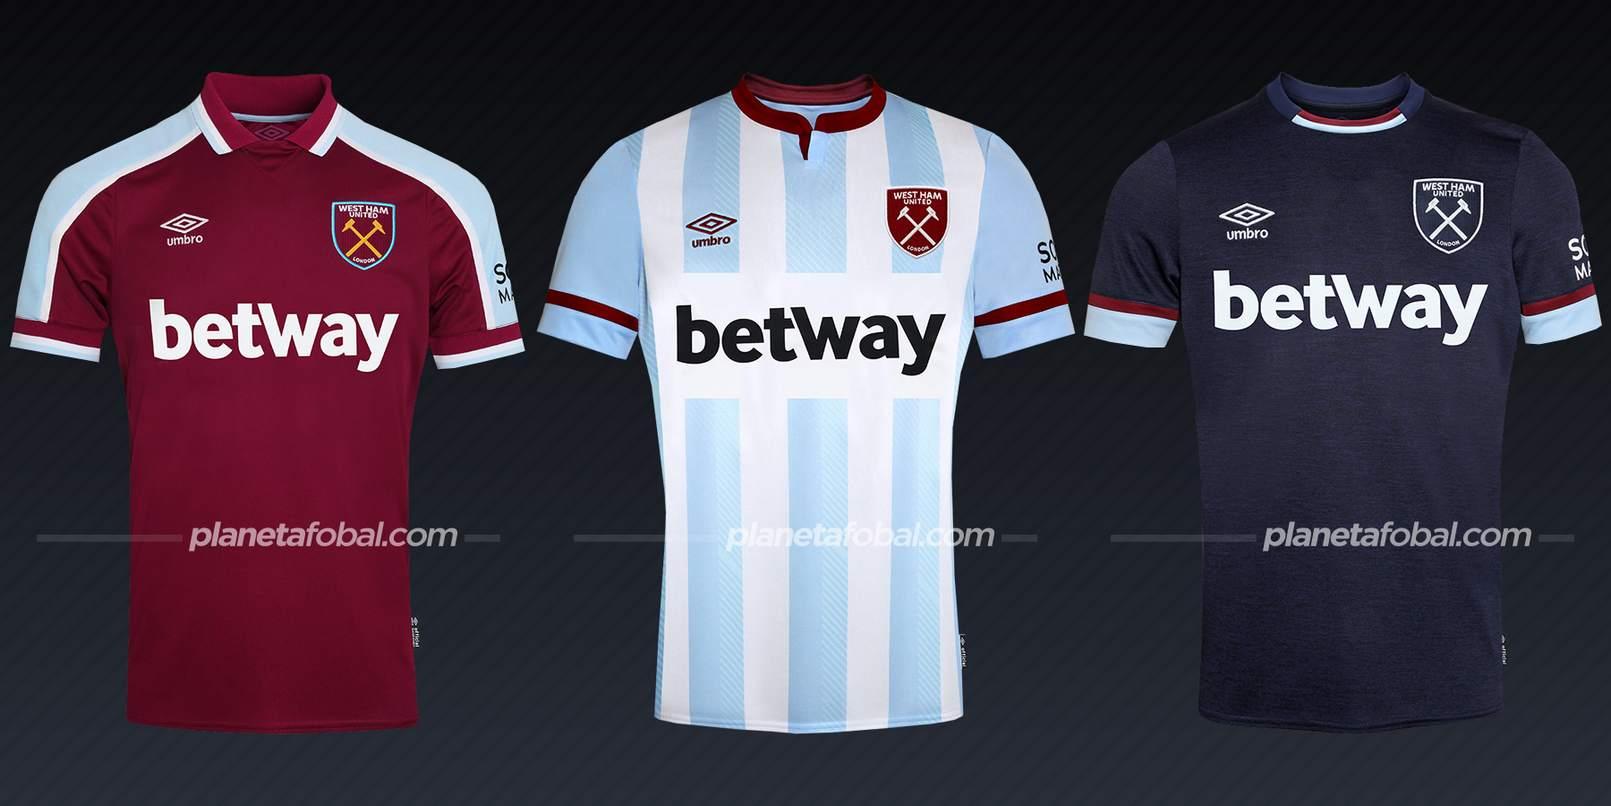 West Ham United FC (Umbro) | Camisetas de la Premier League 2021/22